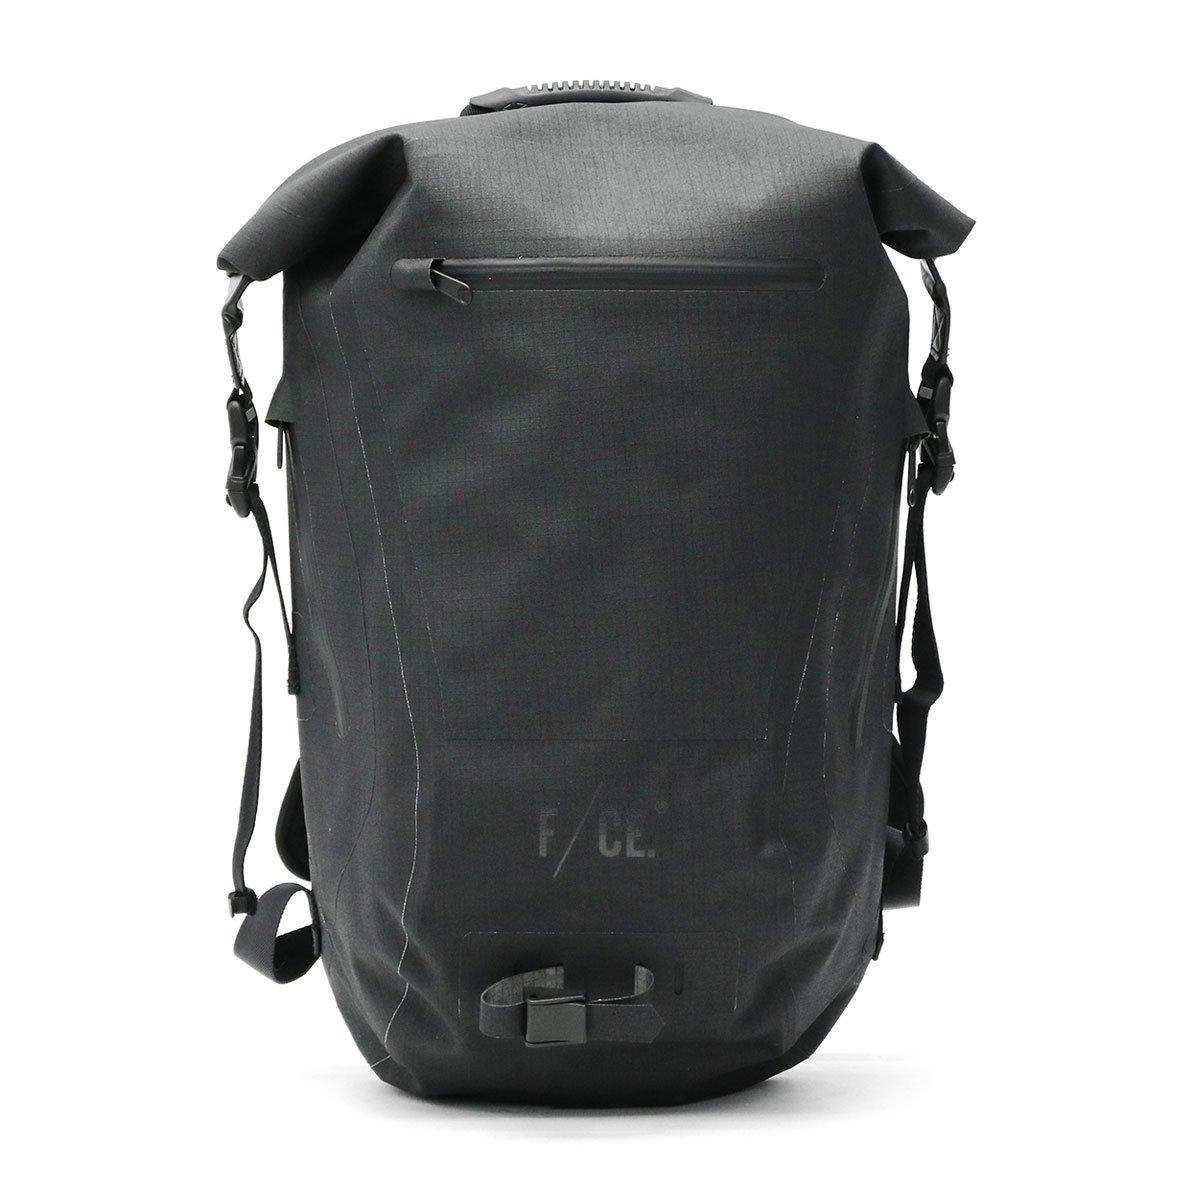 F/CE.(エフシーイー)のバッグおすすめ7選!ノーシームも